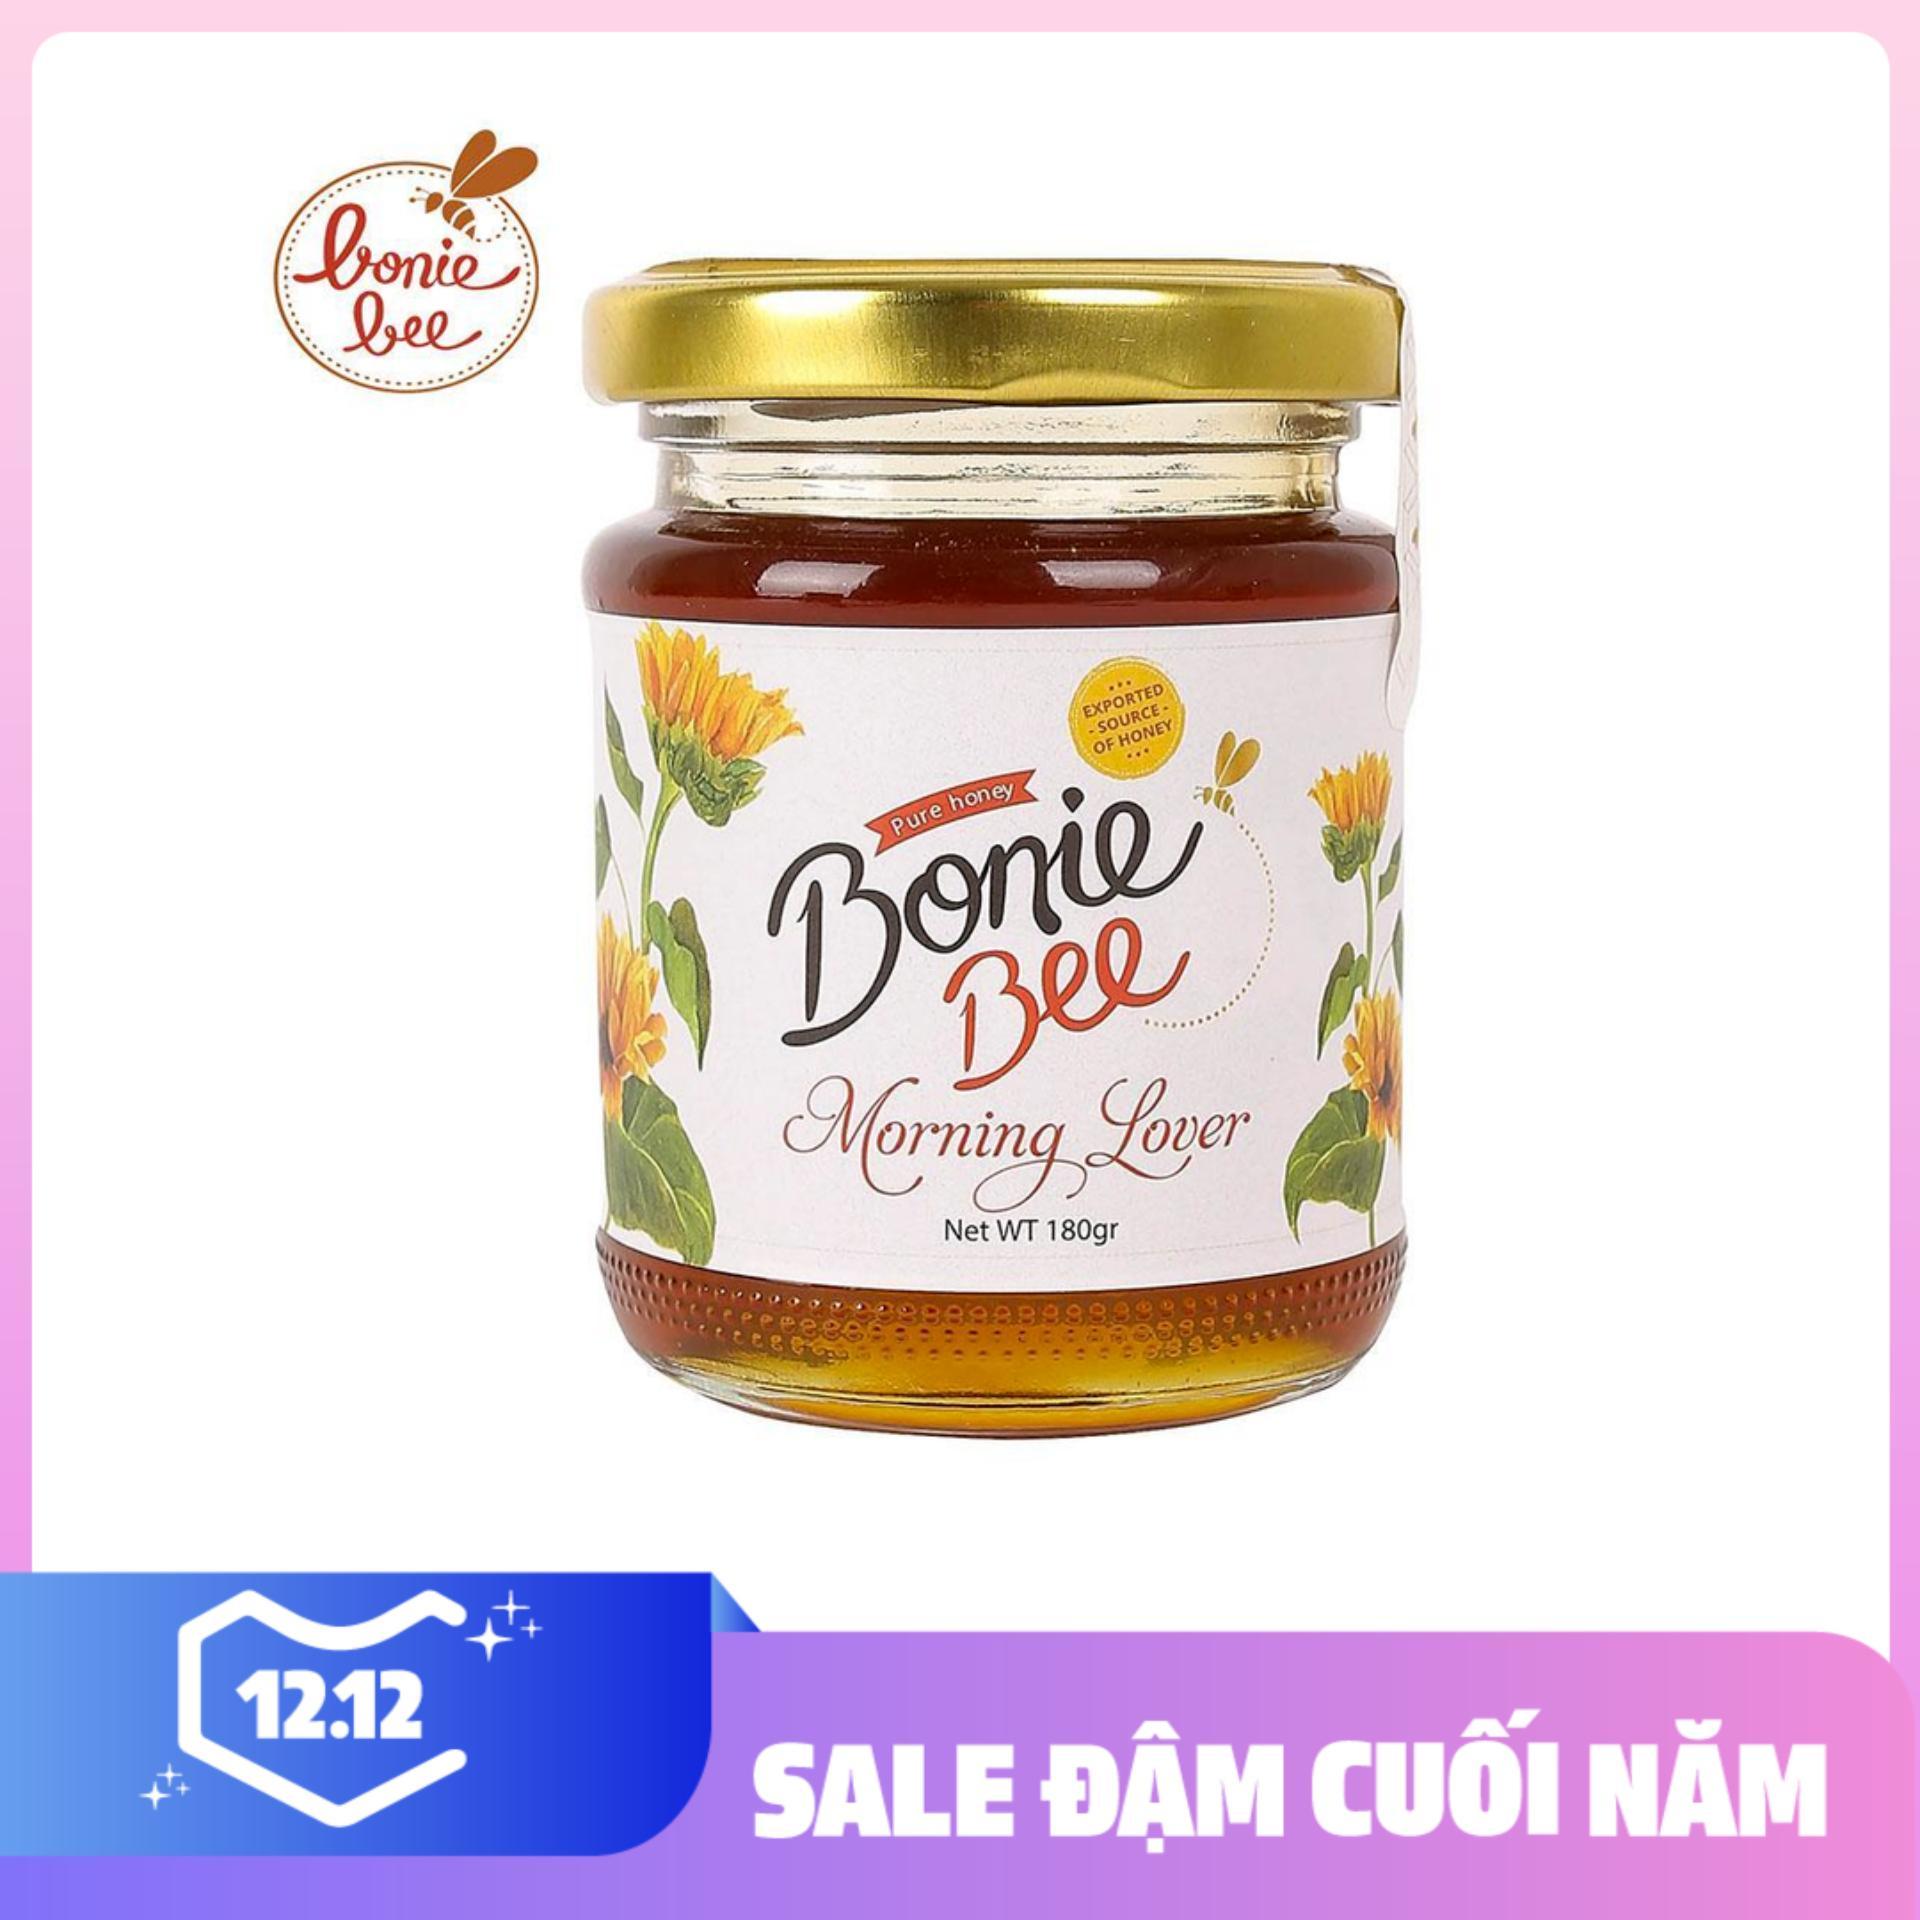 Mật Ong đa Hoa Nguyên Chất Bonie Bee Morning Lover 180g Giá Siêu Cạnh Tranh